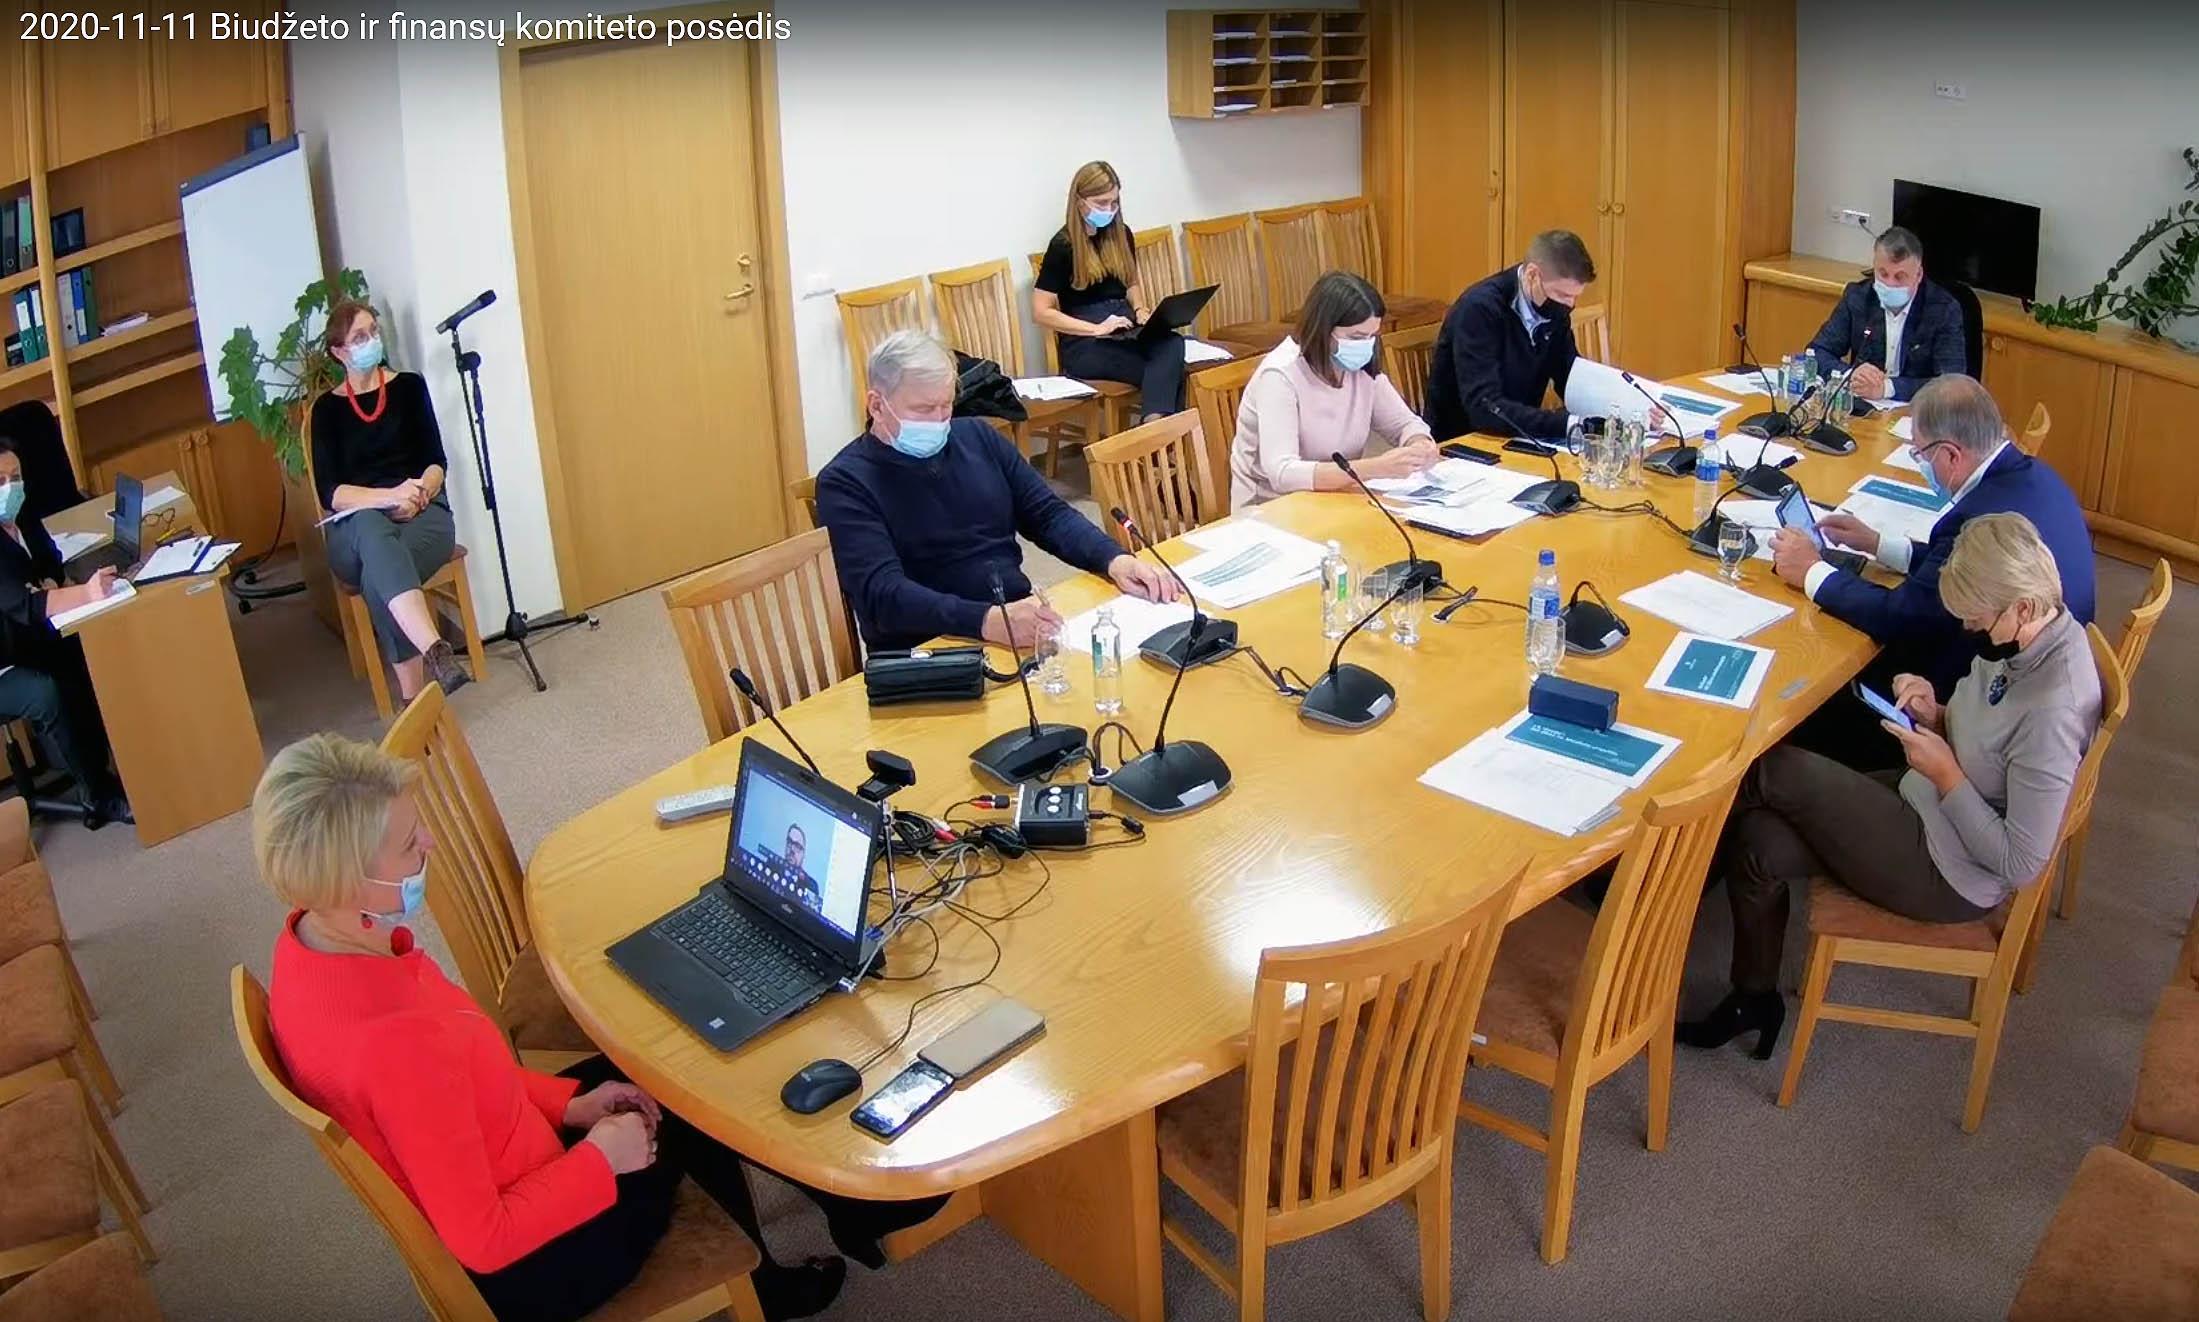 Seimo biudžeto ir finansų komiteto posėdis 2020-11-11 | Alkas.lt ekrano nuotr.